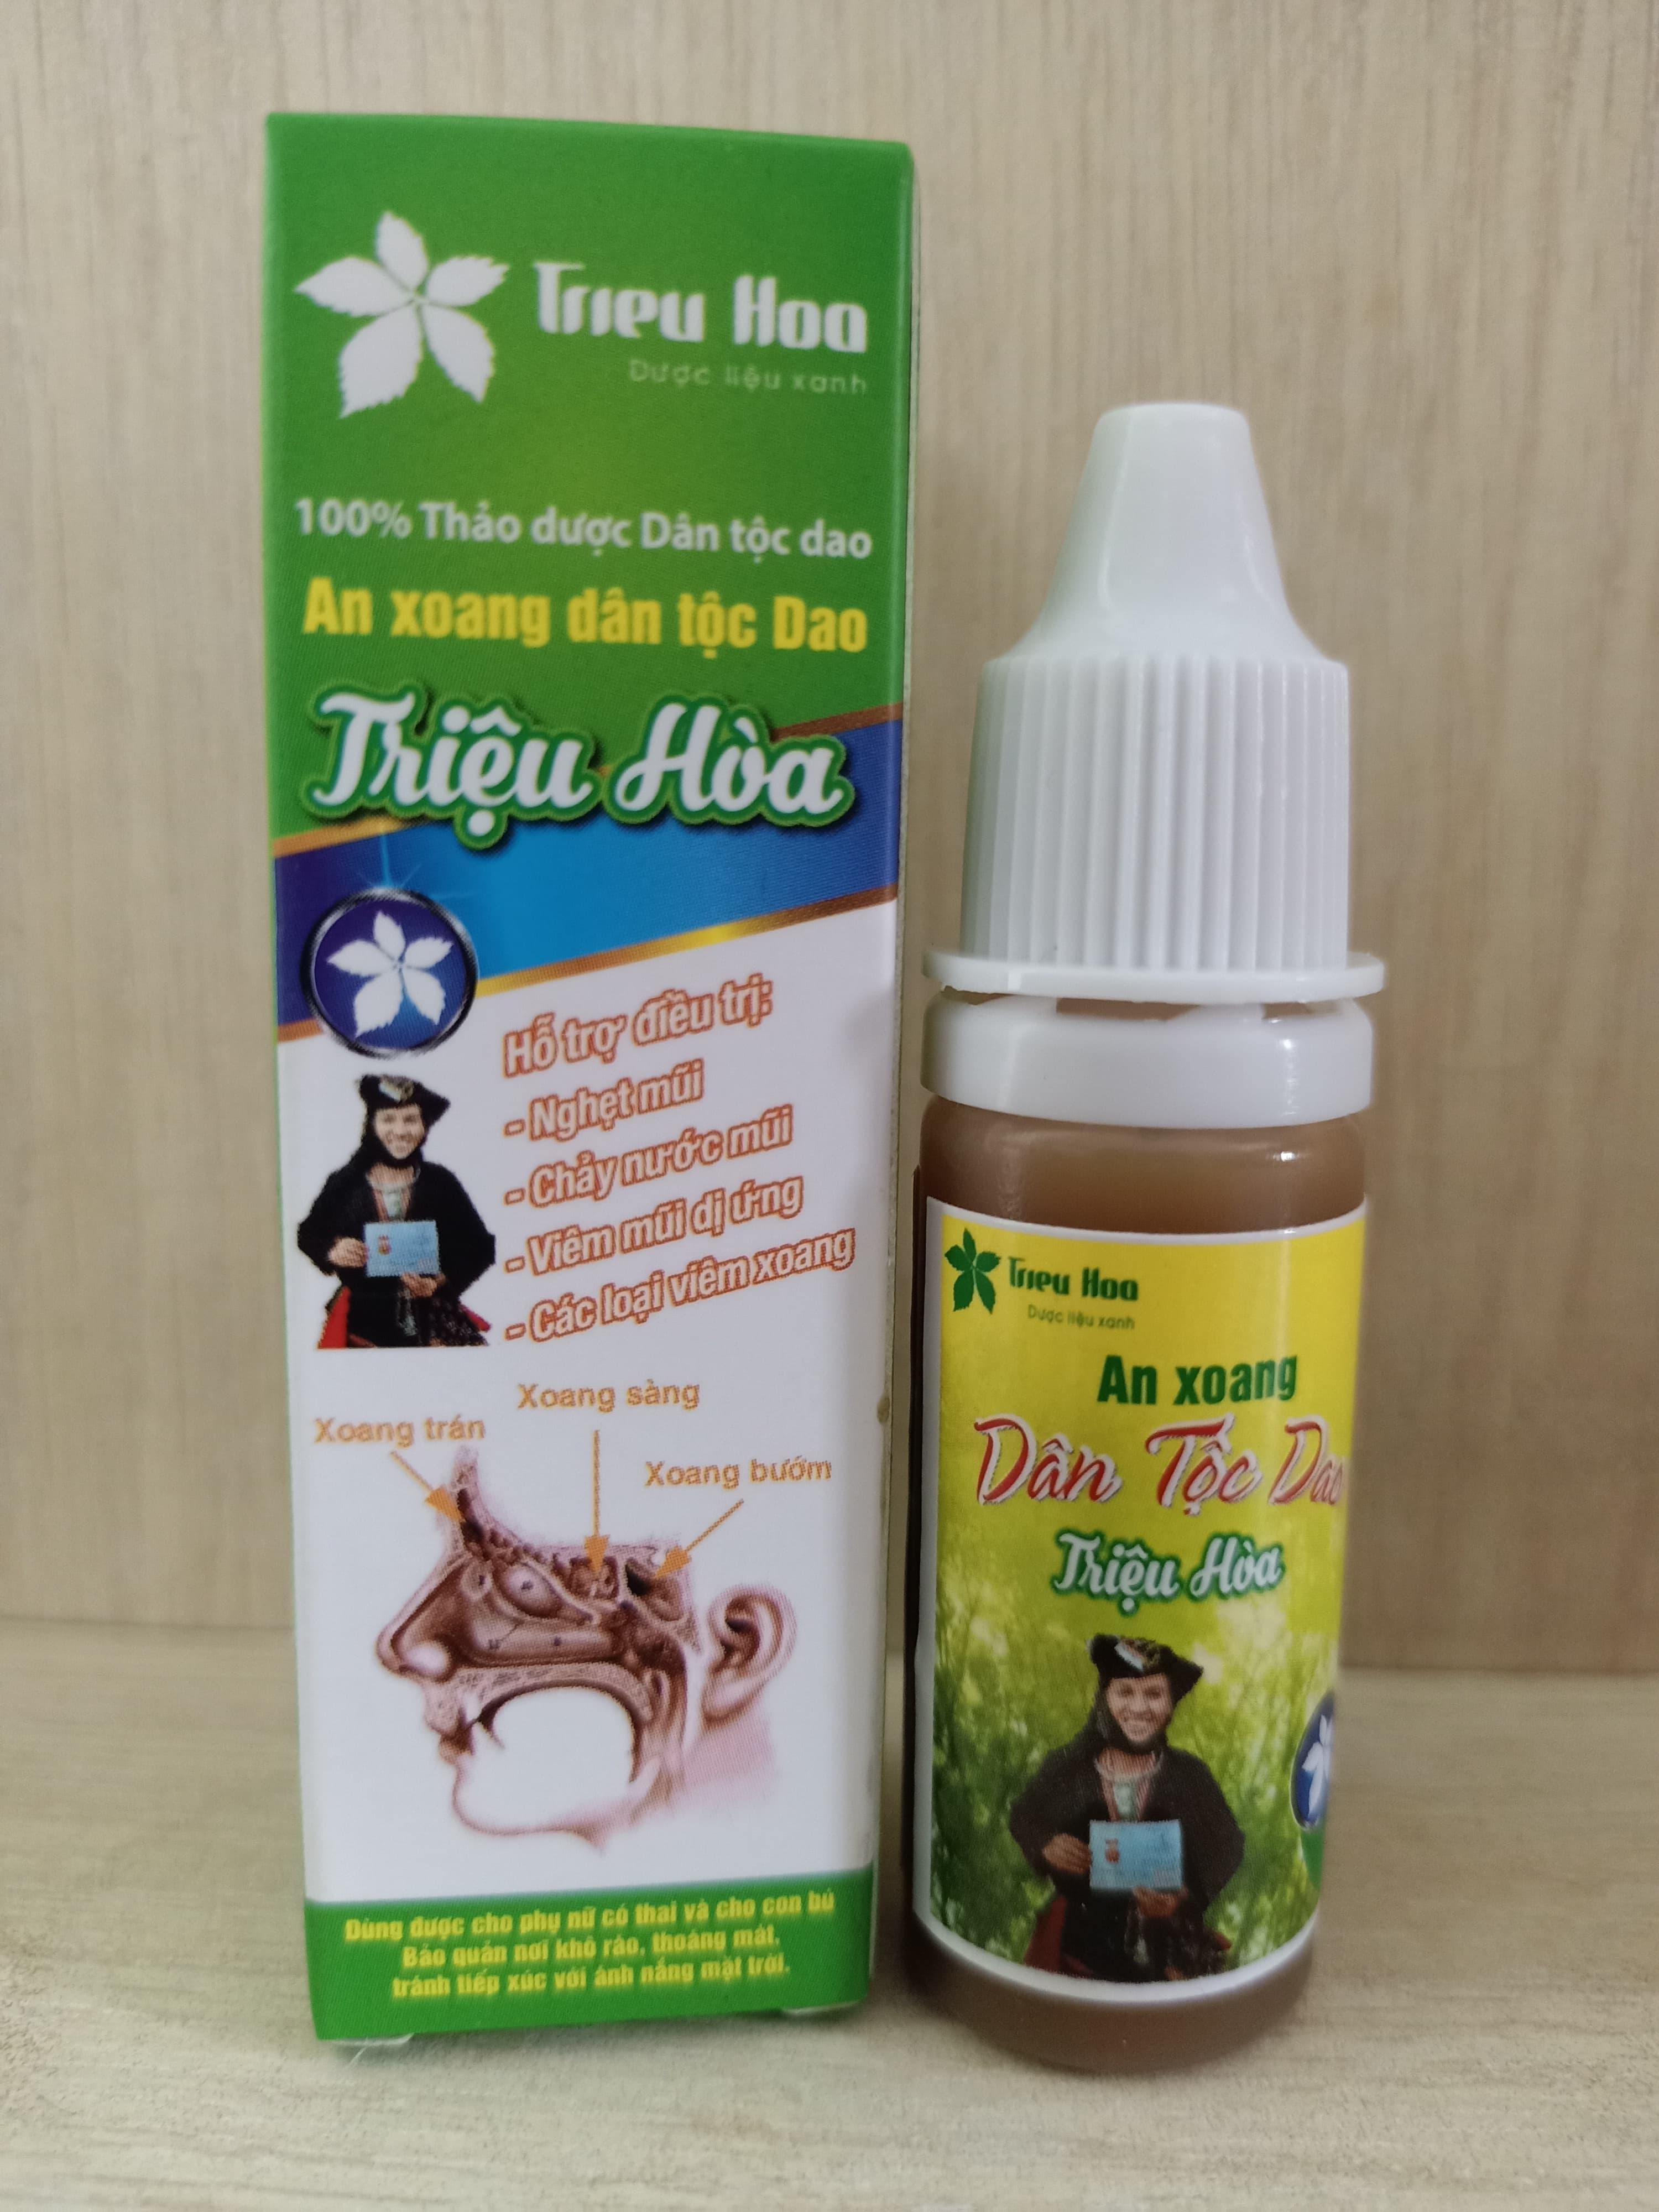 Thảo dược trị viêm xoang viêm mũi An xoang Triệu Hòa